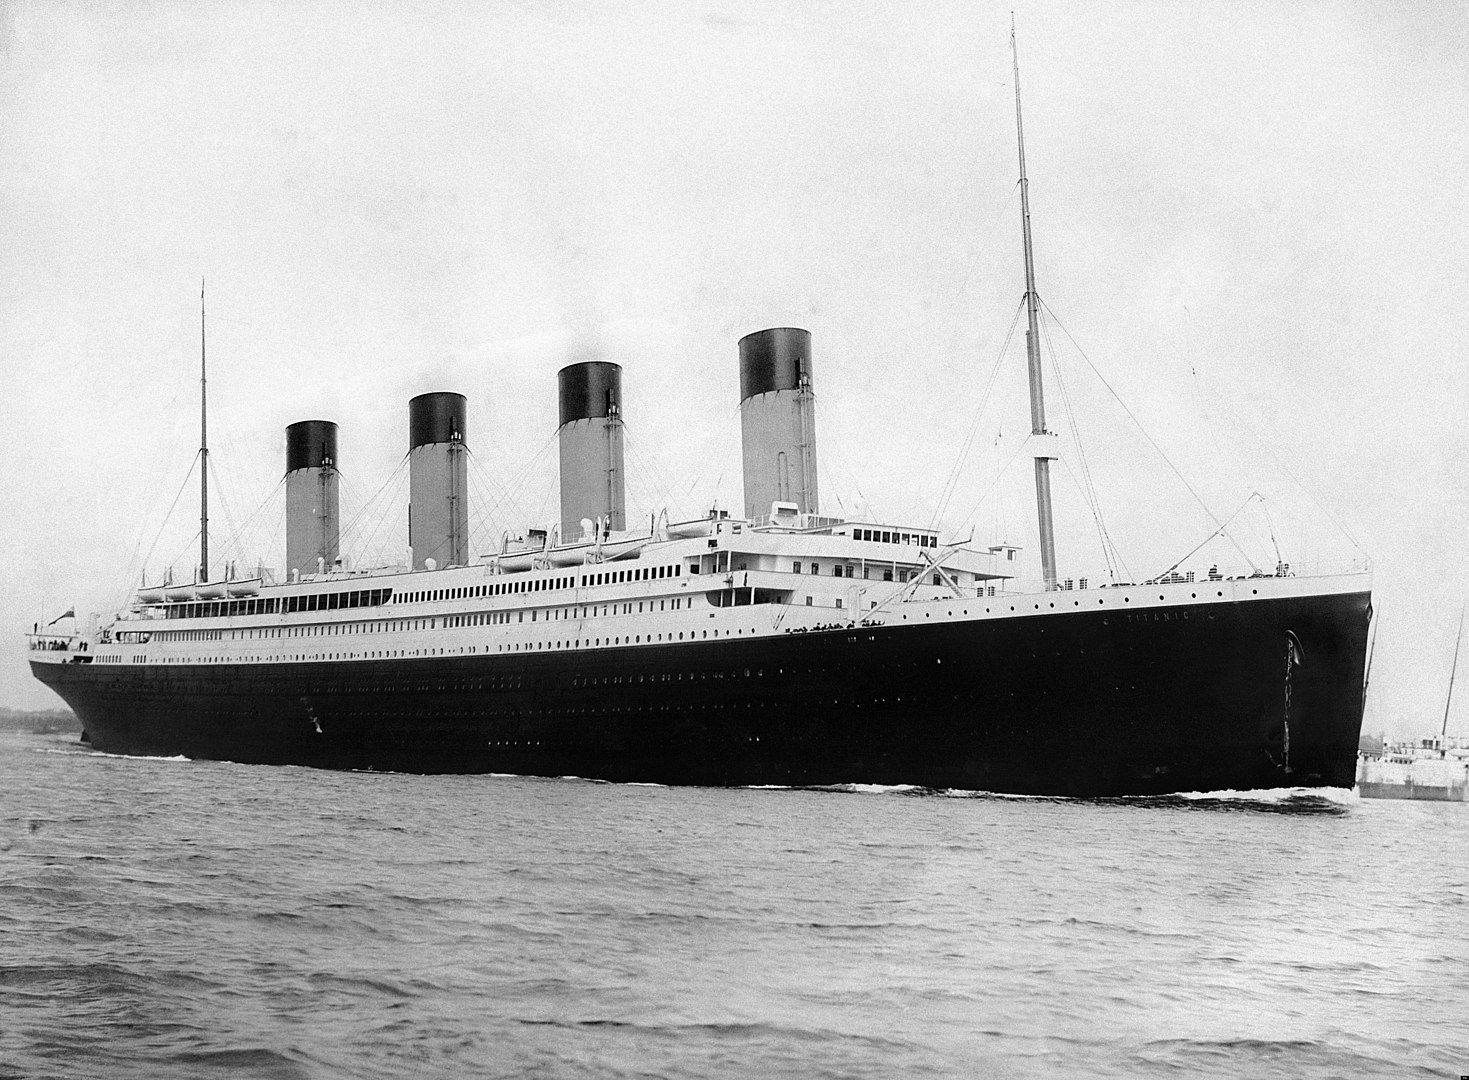 RMS Titanic departing Southampton on April 10, 1912. F.G.O. Stuart (1843-1923)